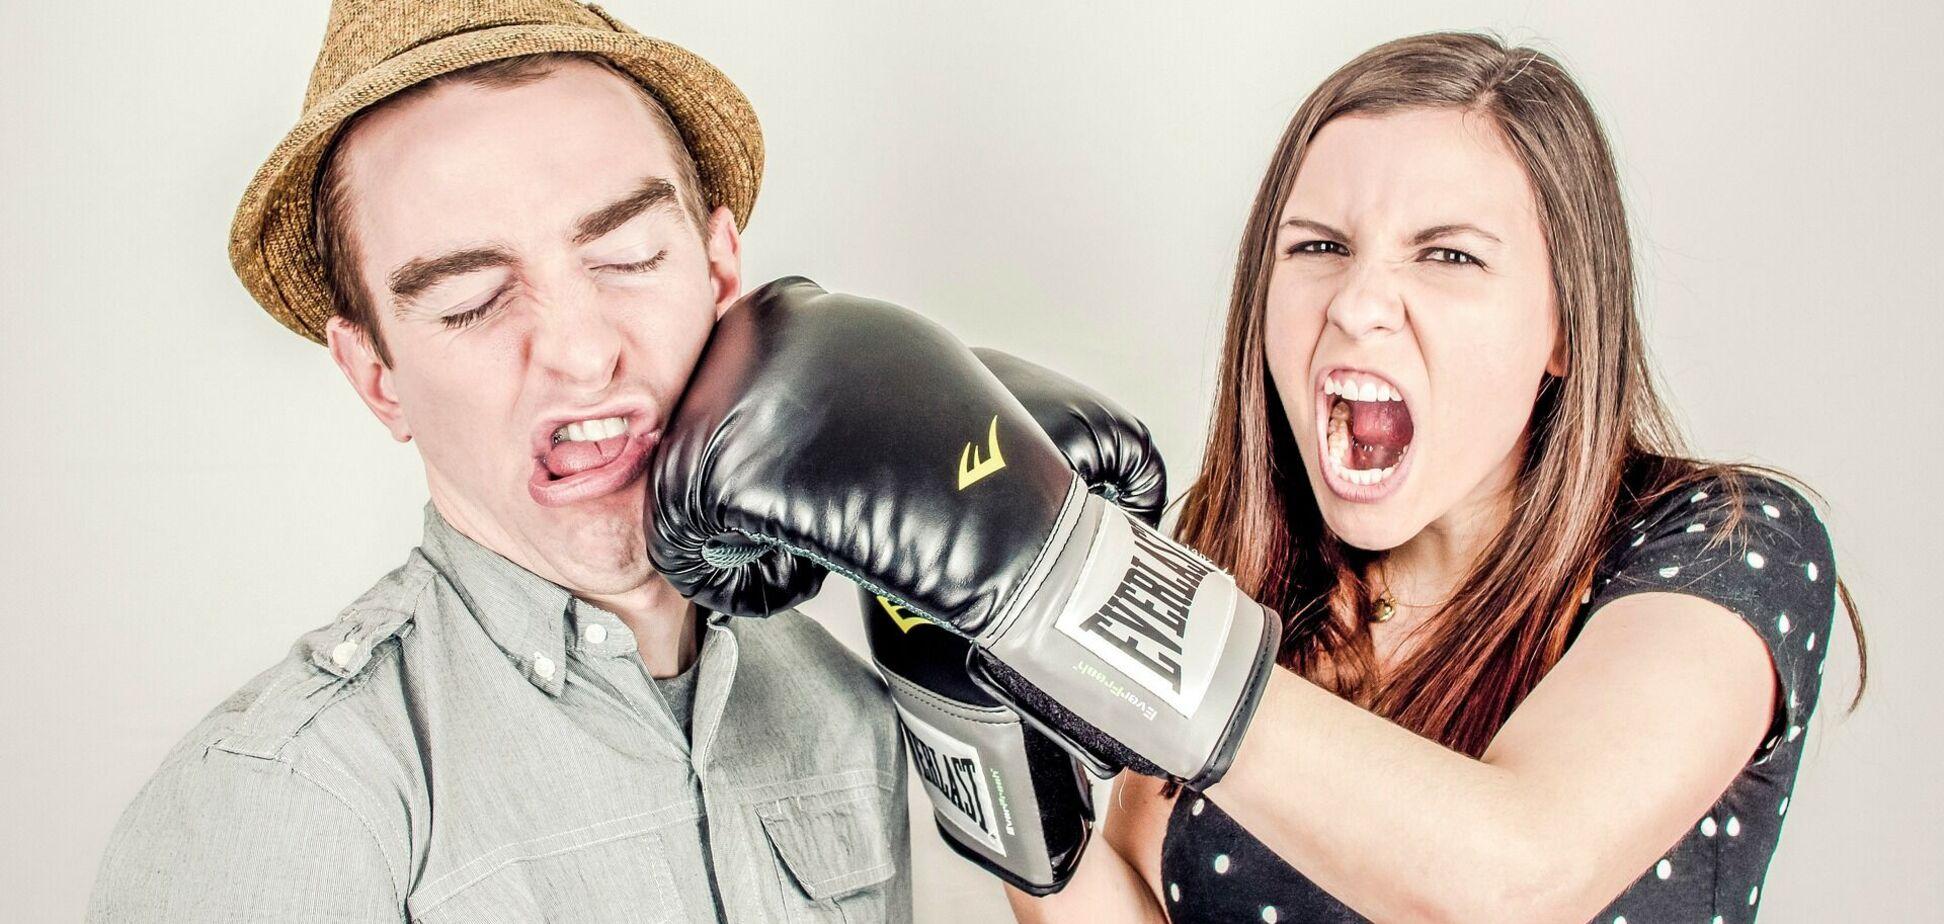 Подборка фраз, которые могут разрушить отношения